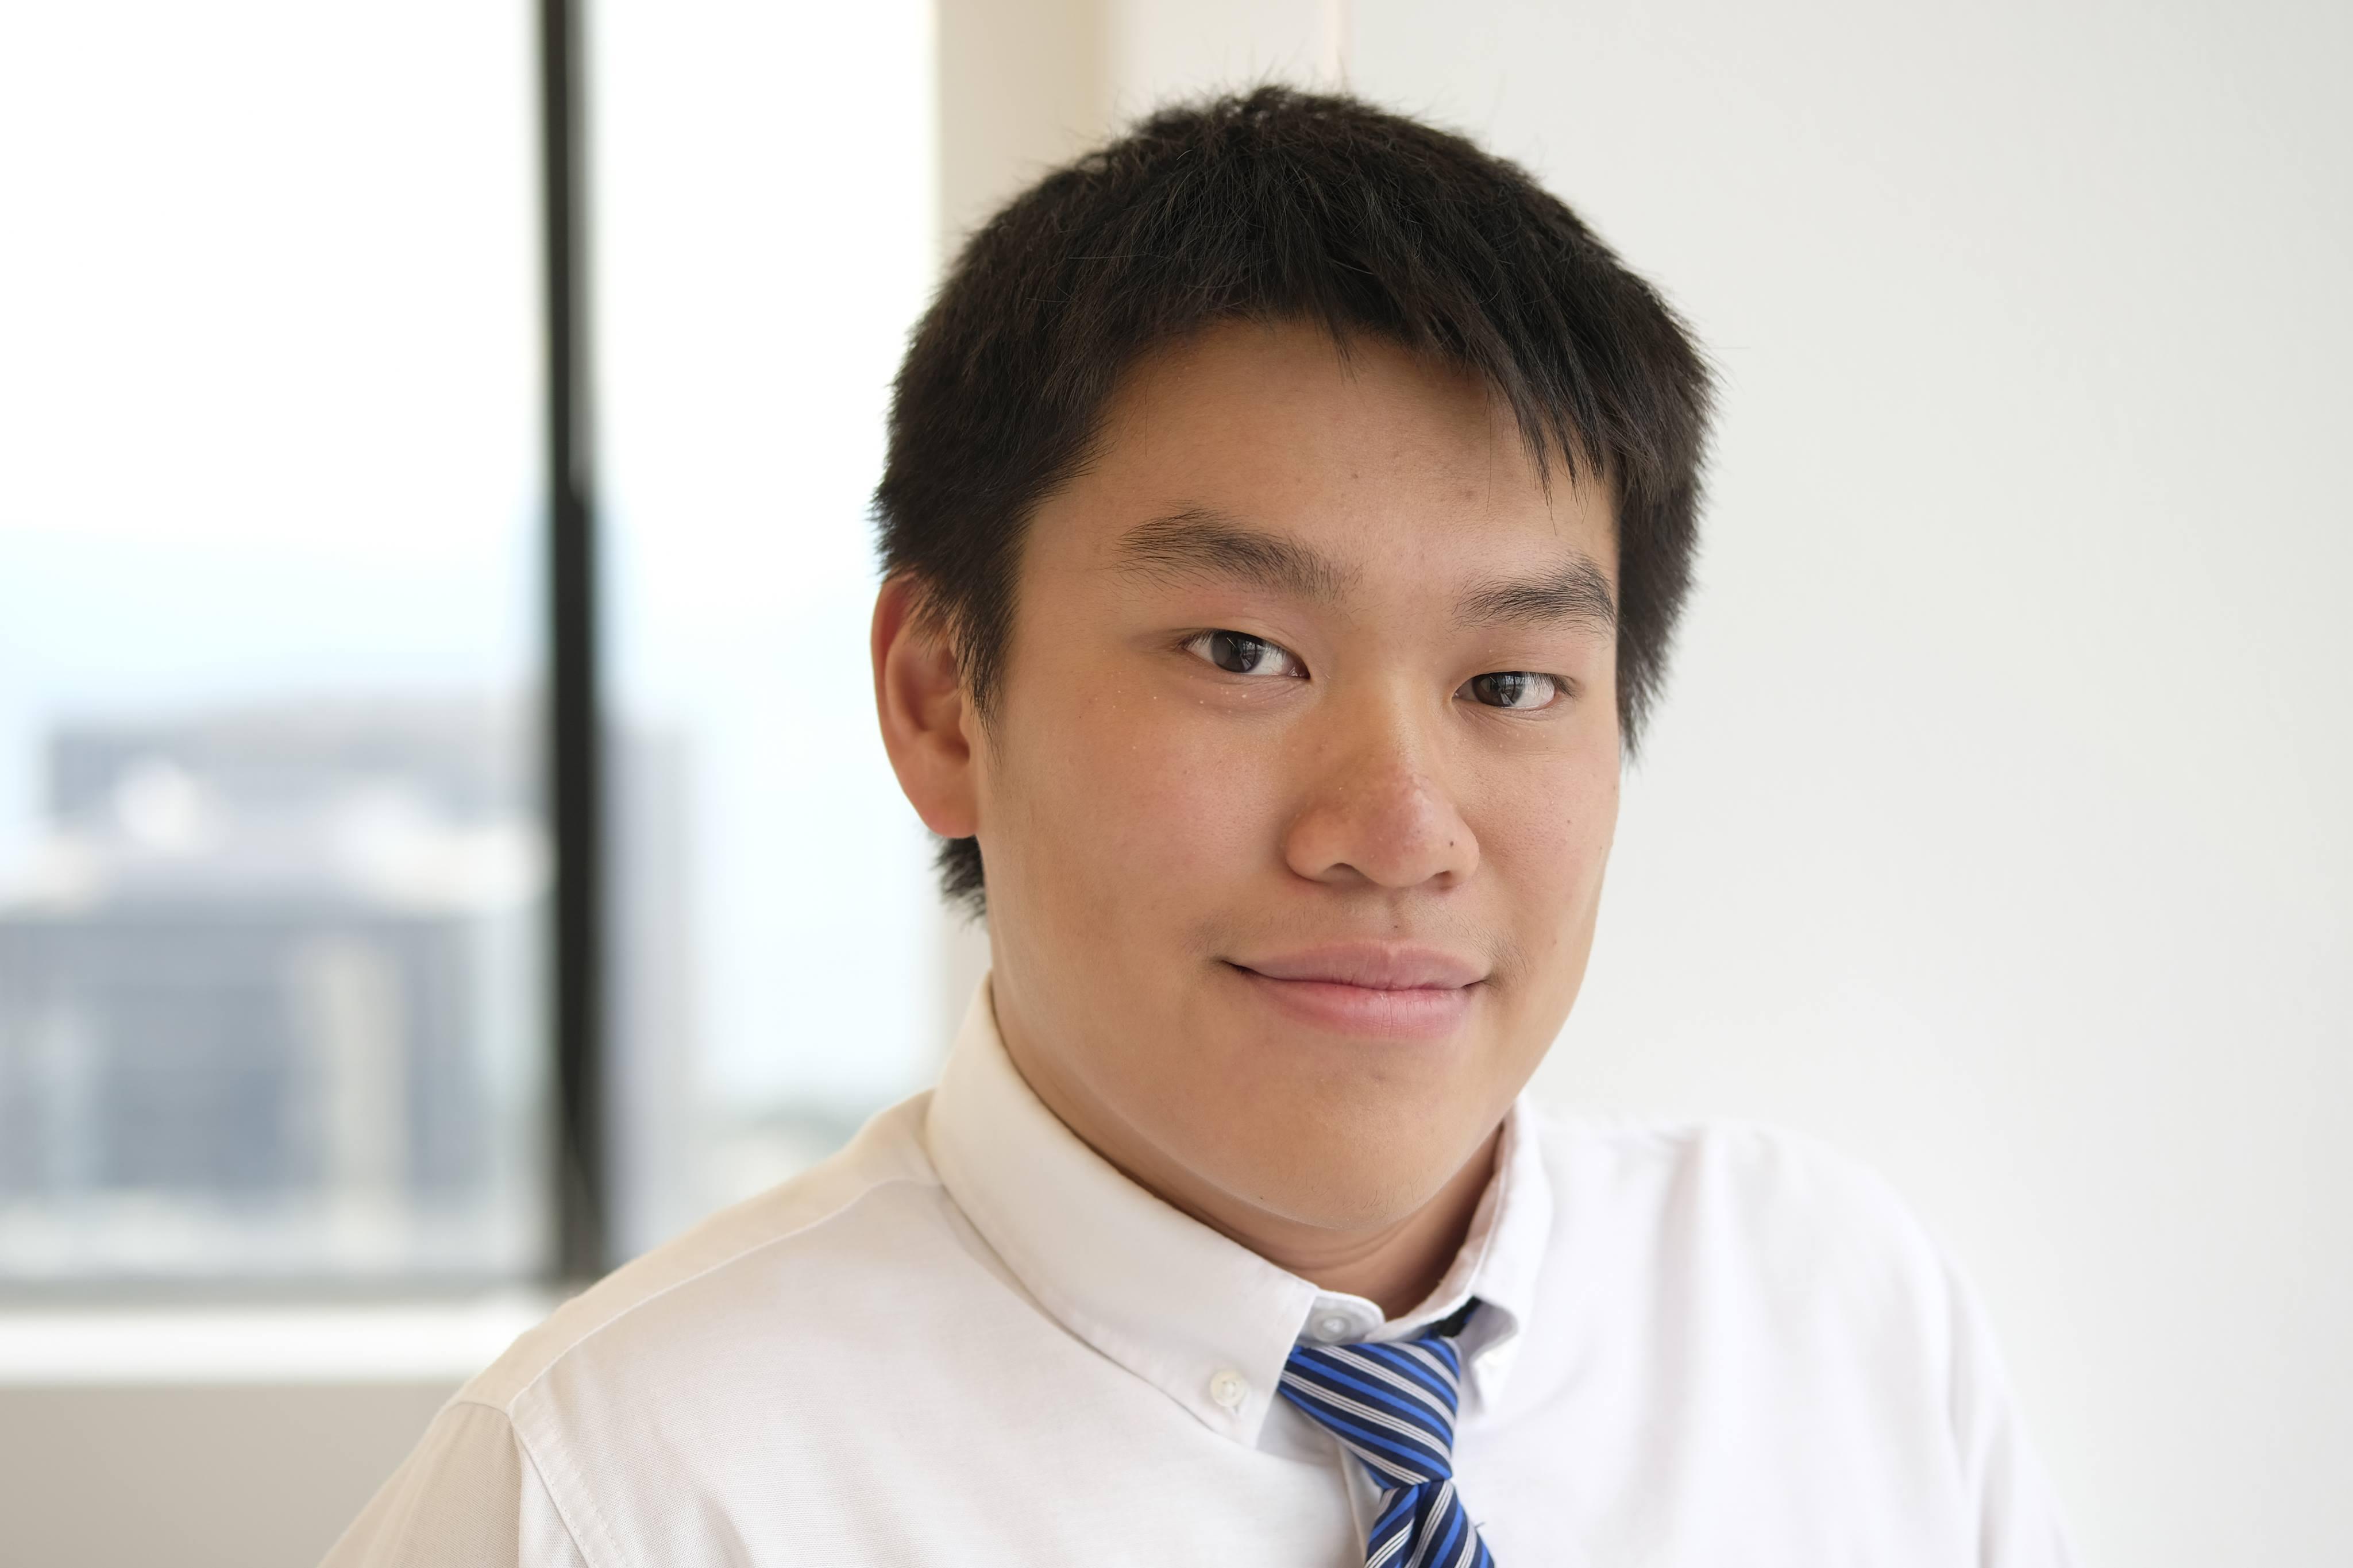 Hongjie Jiang